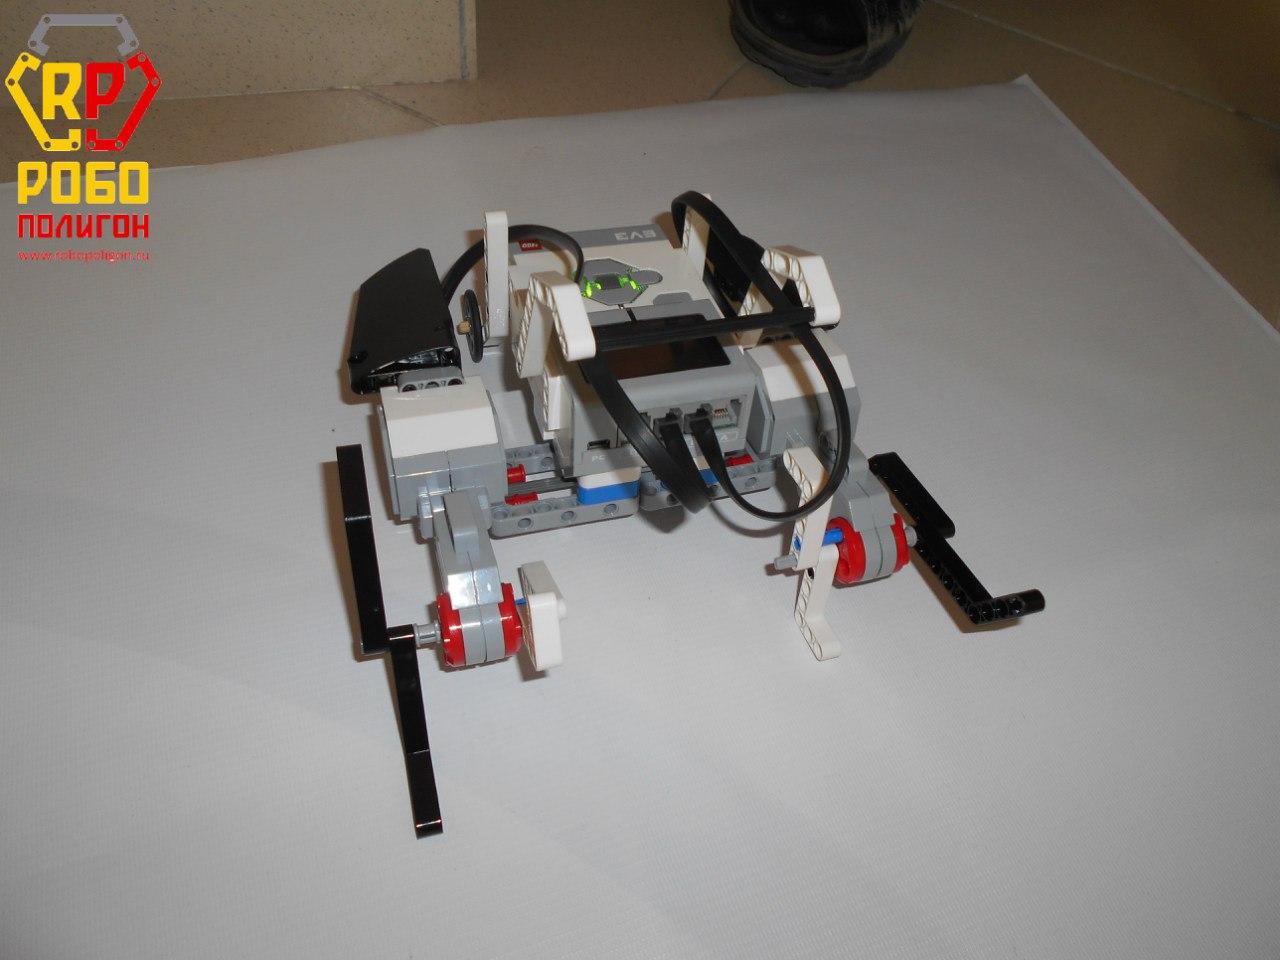 robopoligon_RoboLab-2(3)